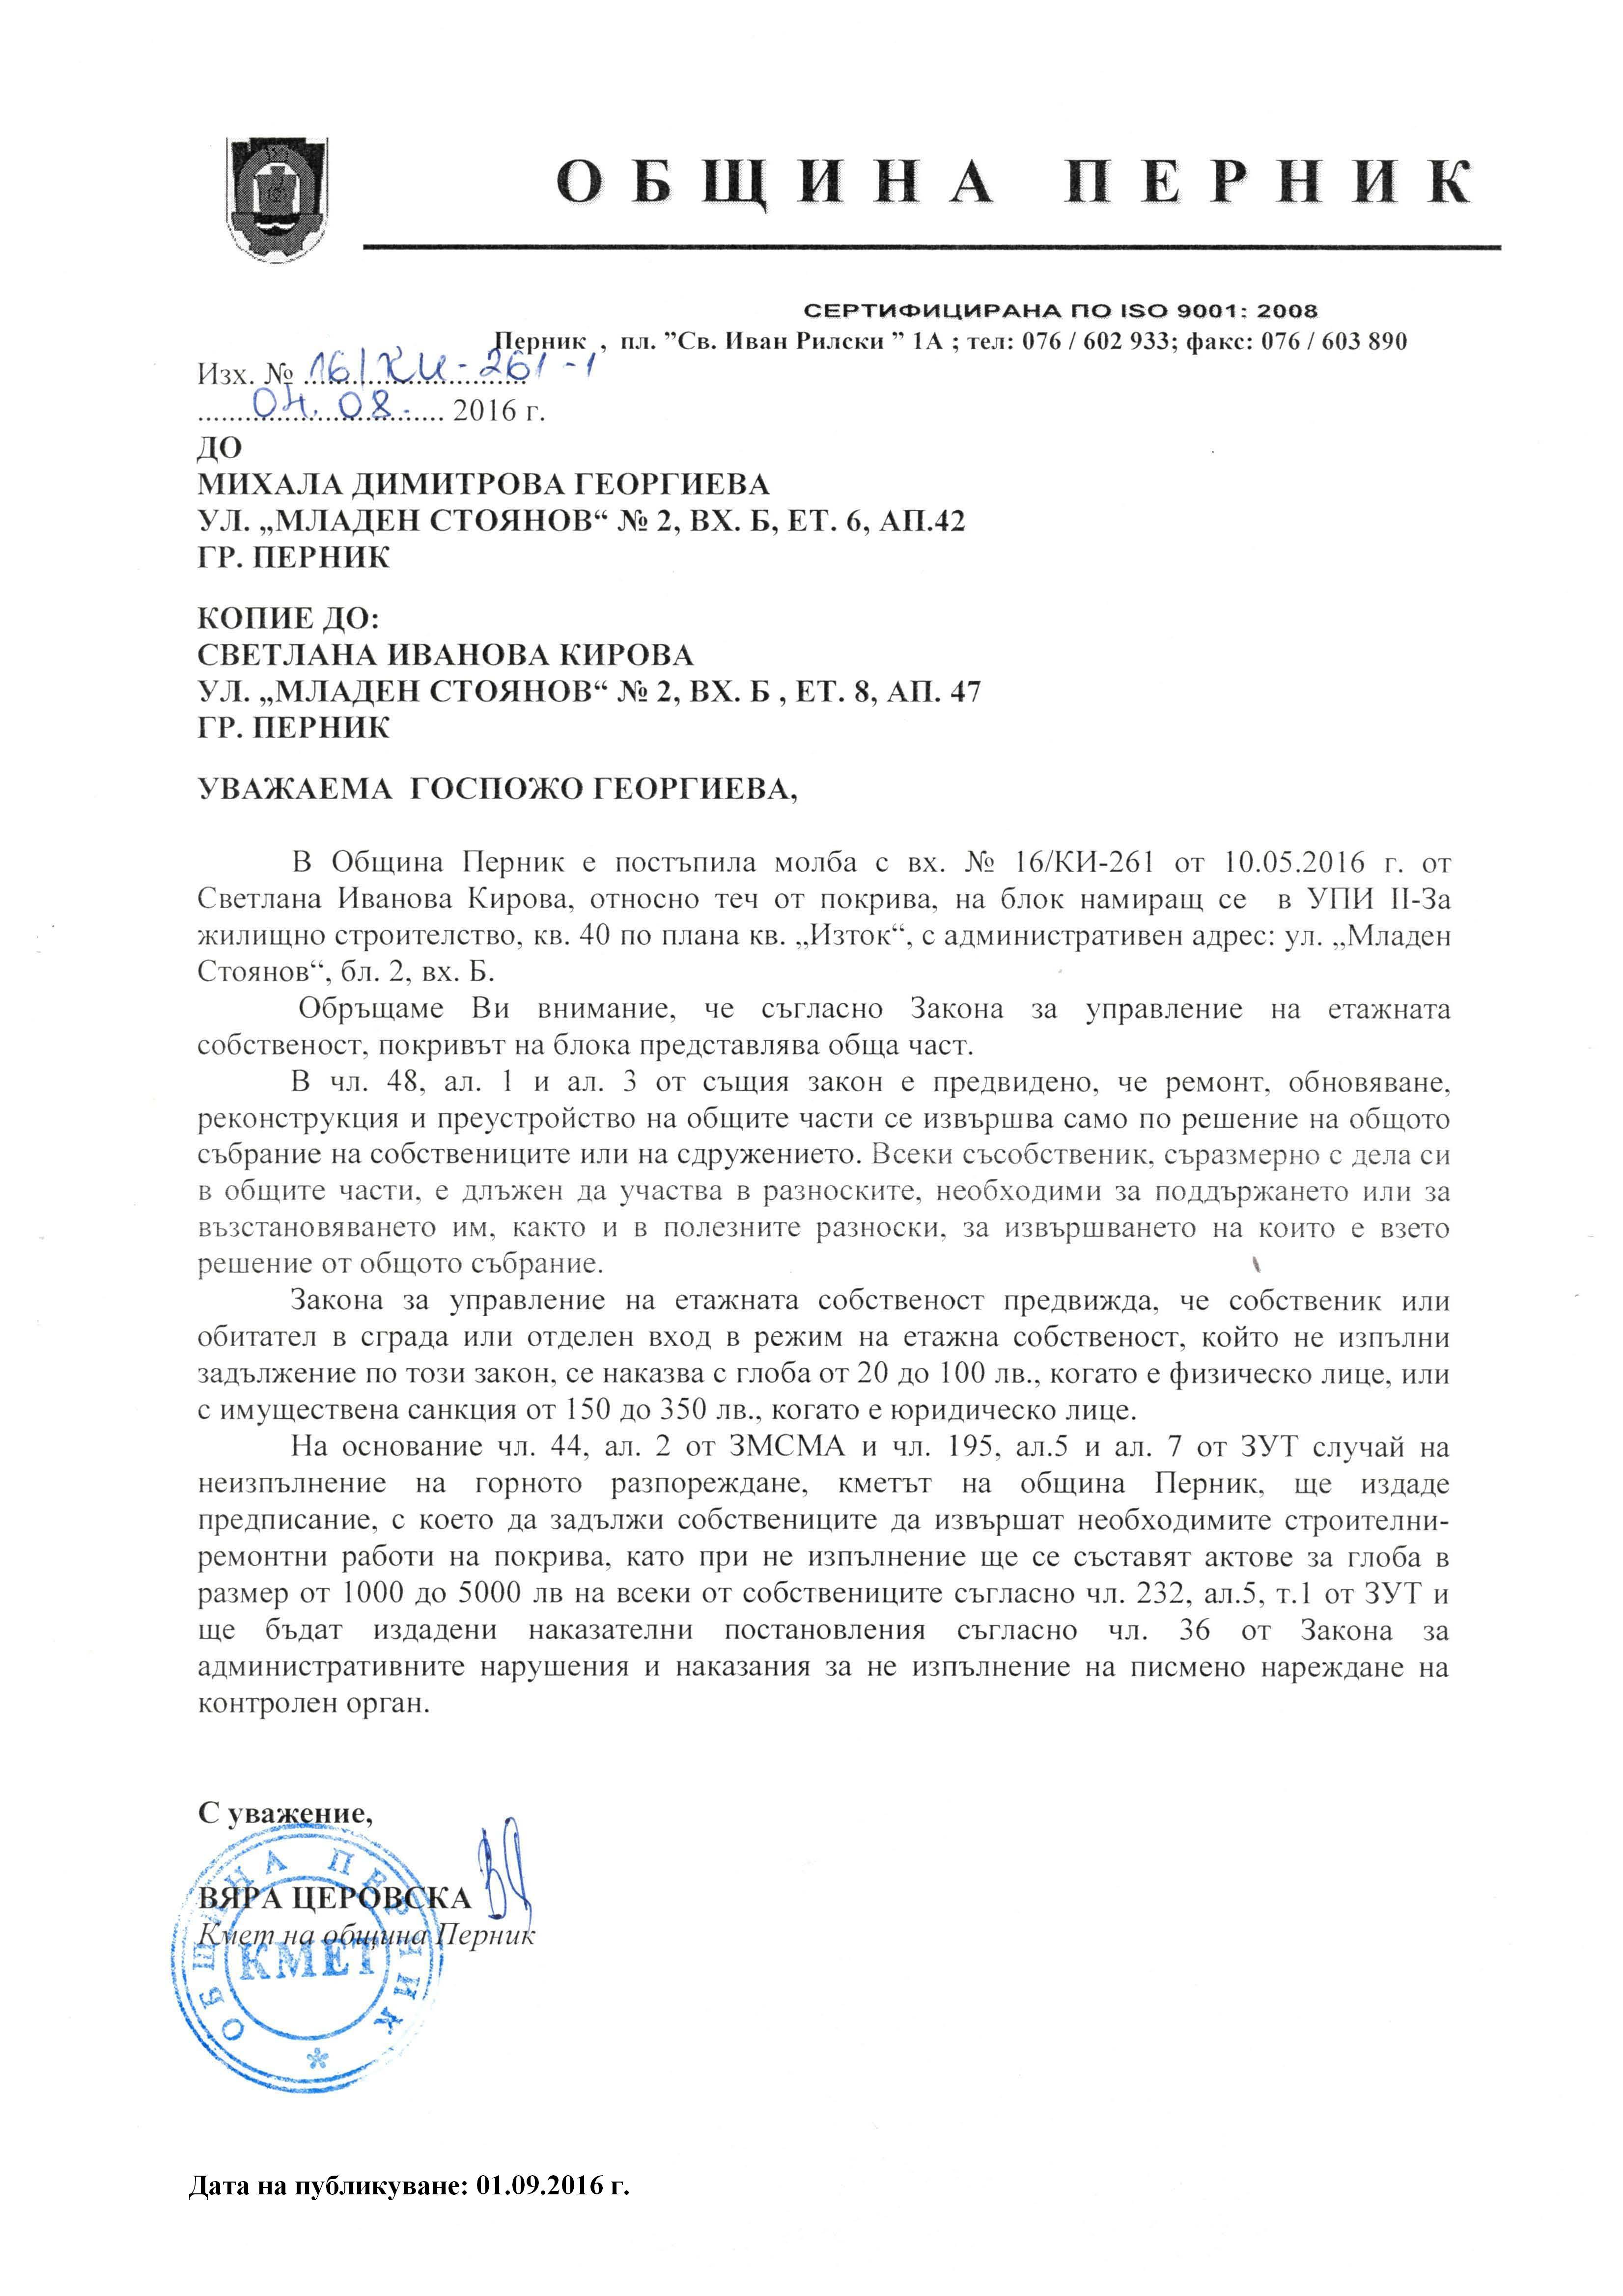 Mladen Stoyanov 2